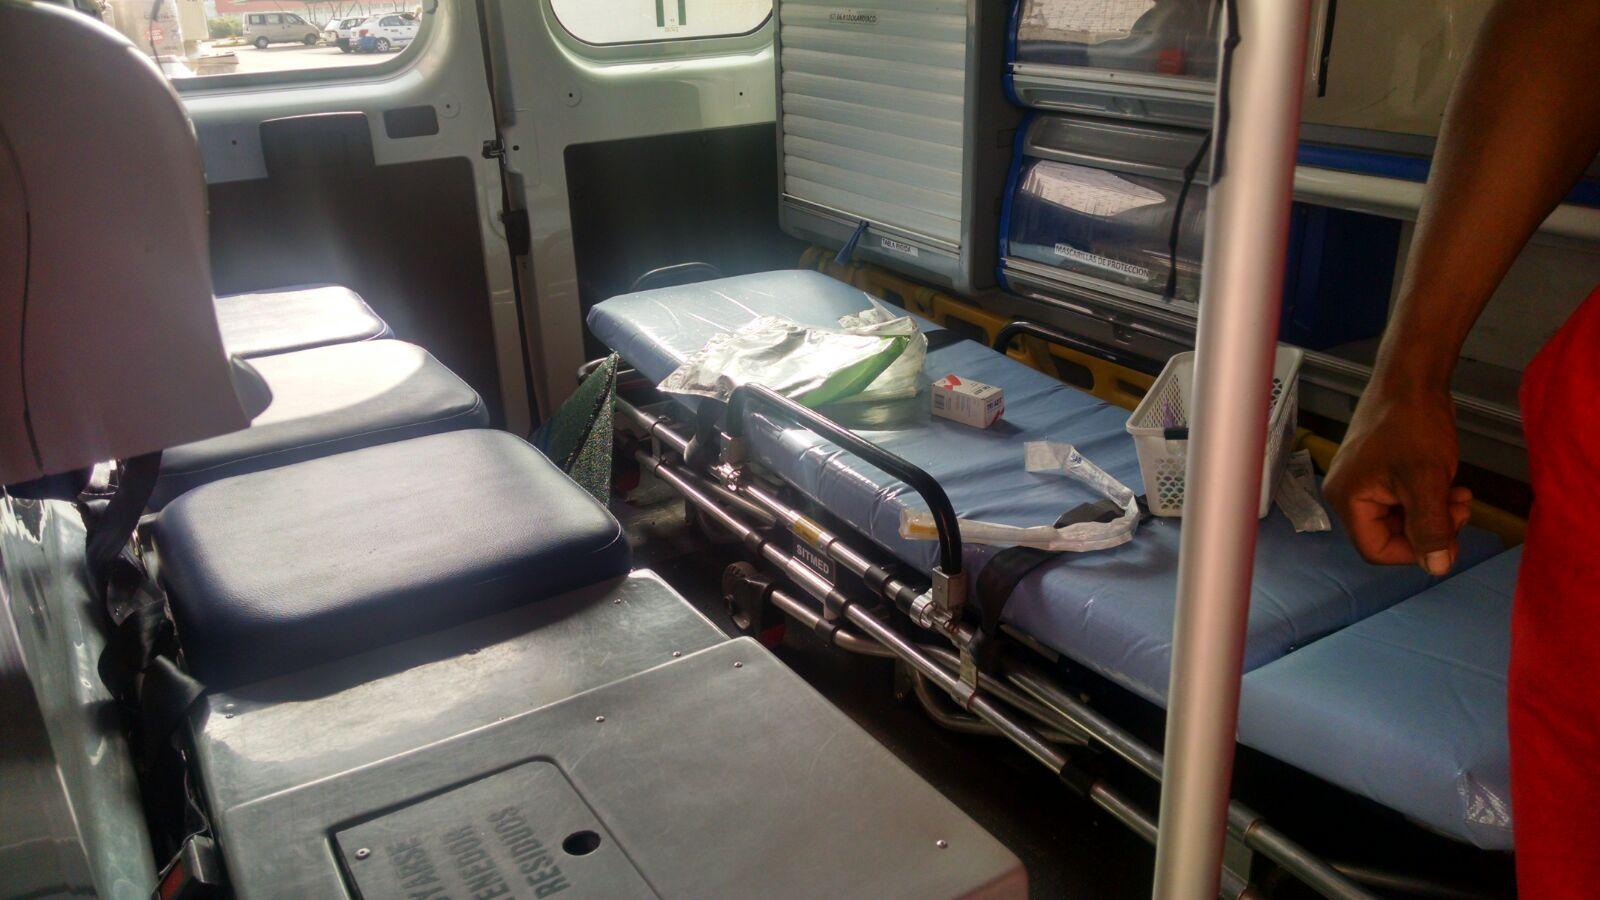 Delincuentes se robaron un desfibrilador y otros implementos médicos valorizados en 35 mil dólares (WhatsApp / El Comercio)